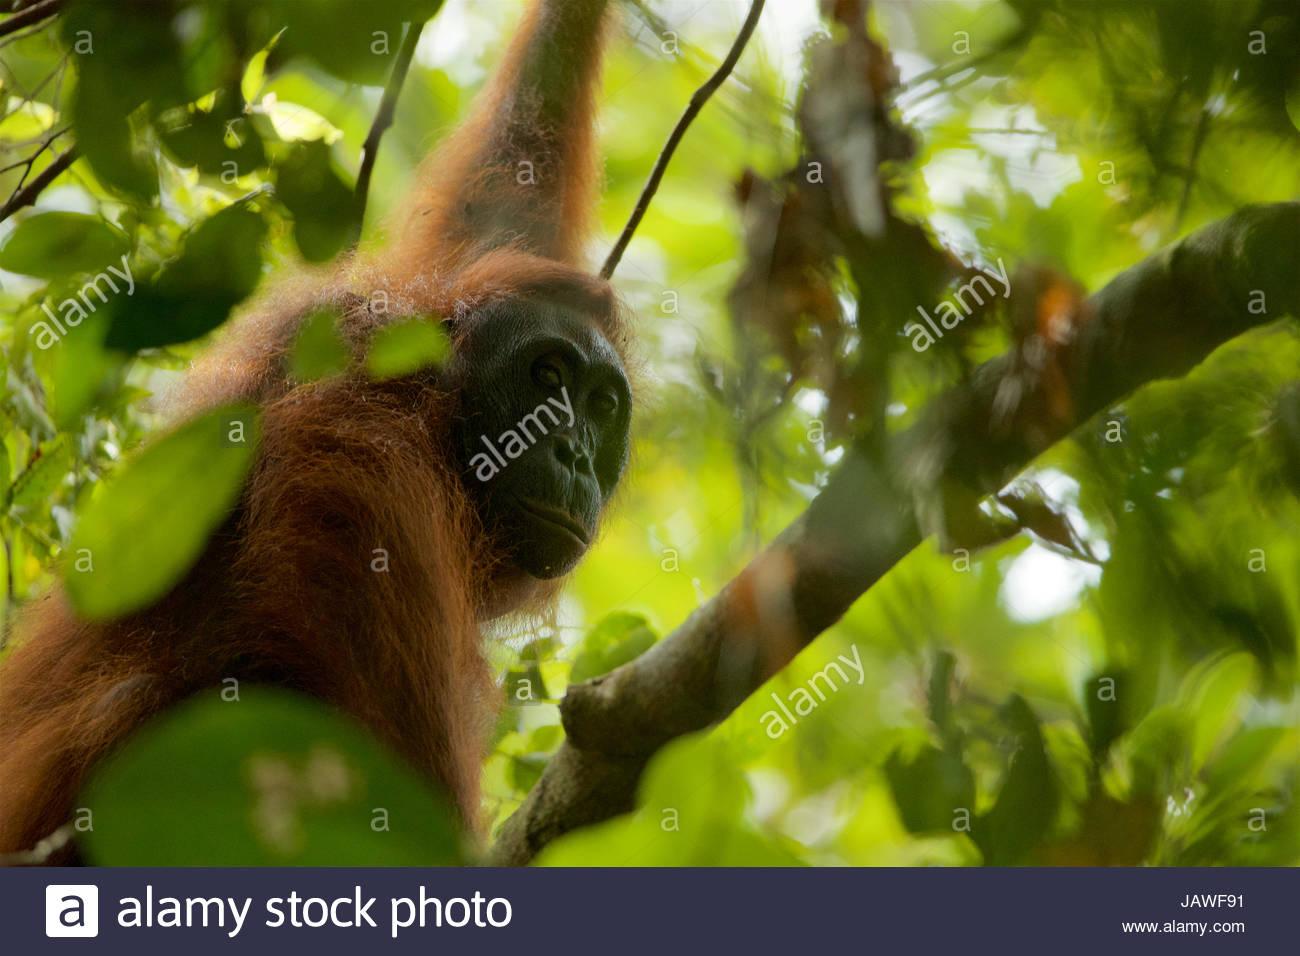 Ein weiblicher Orang-Utan, Pongo Pygmaeus Wurmbii, ruht auf einem Baum im Gunung Palung Nationalpark. Stockbild